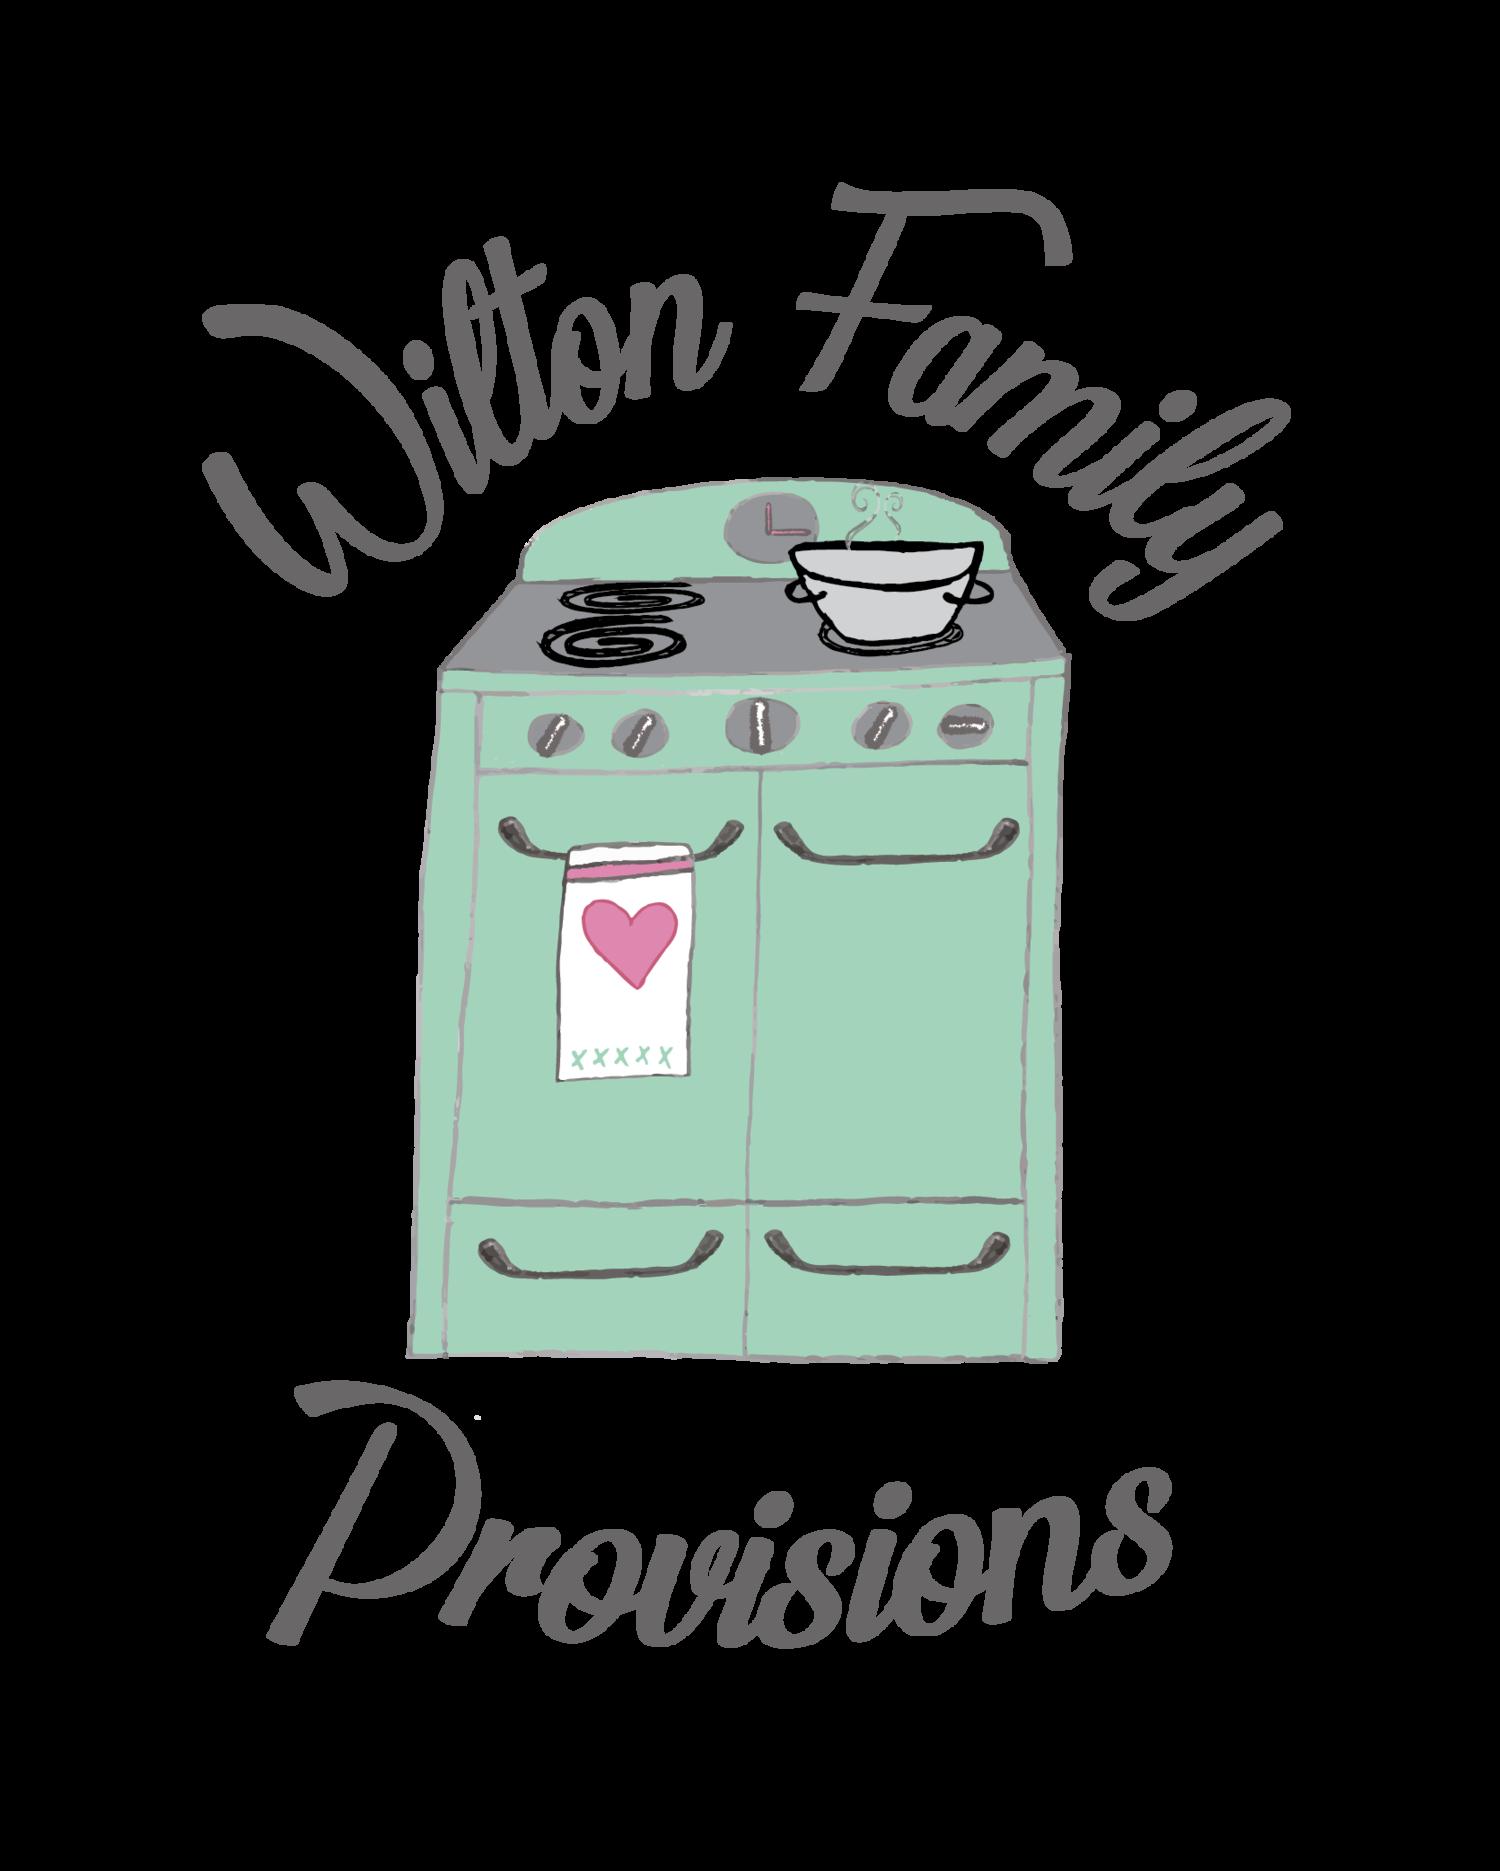 Wilton Family Provisions